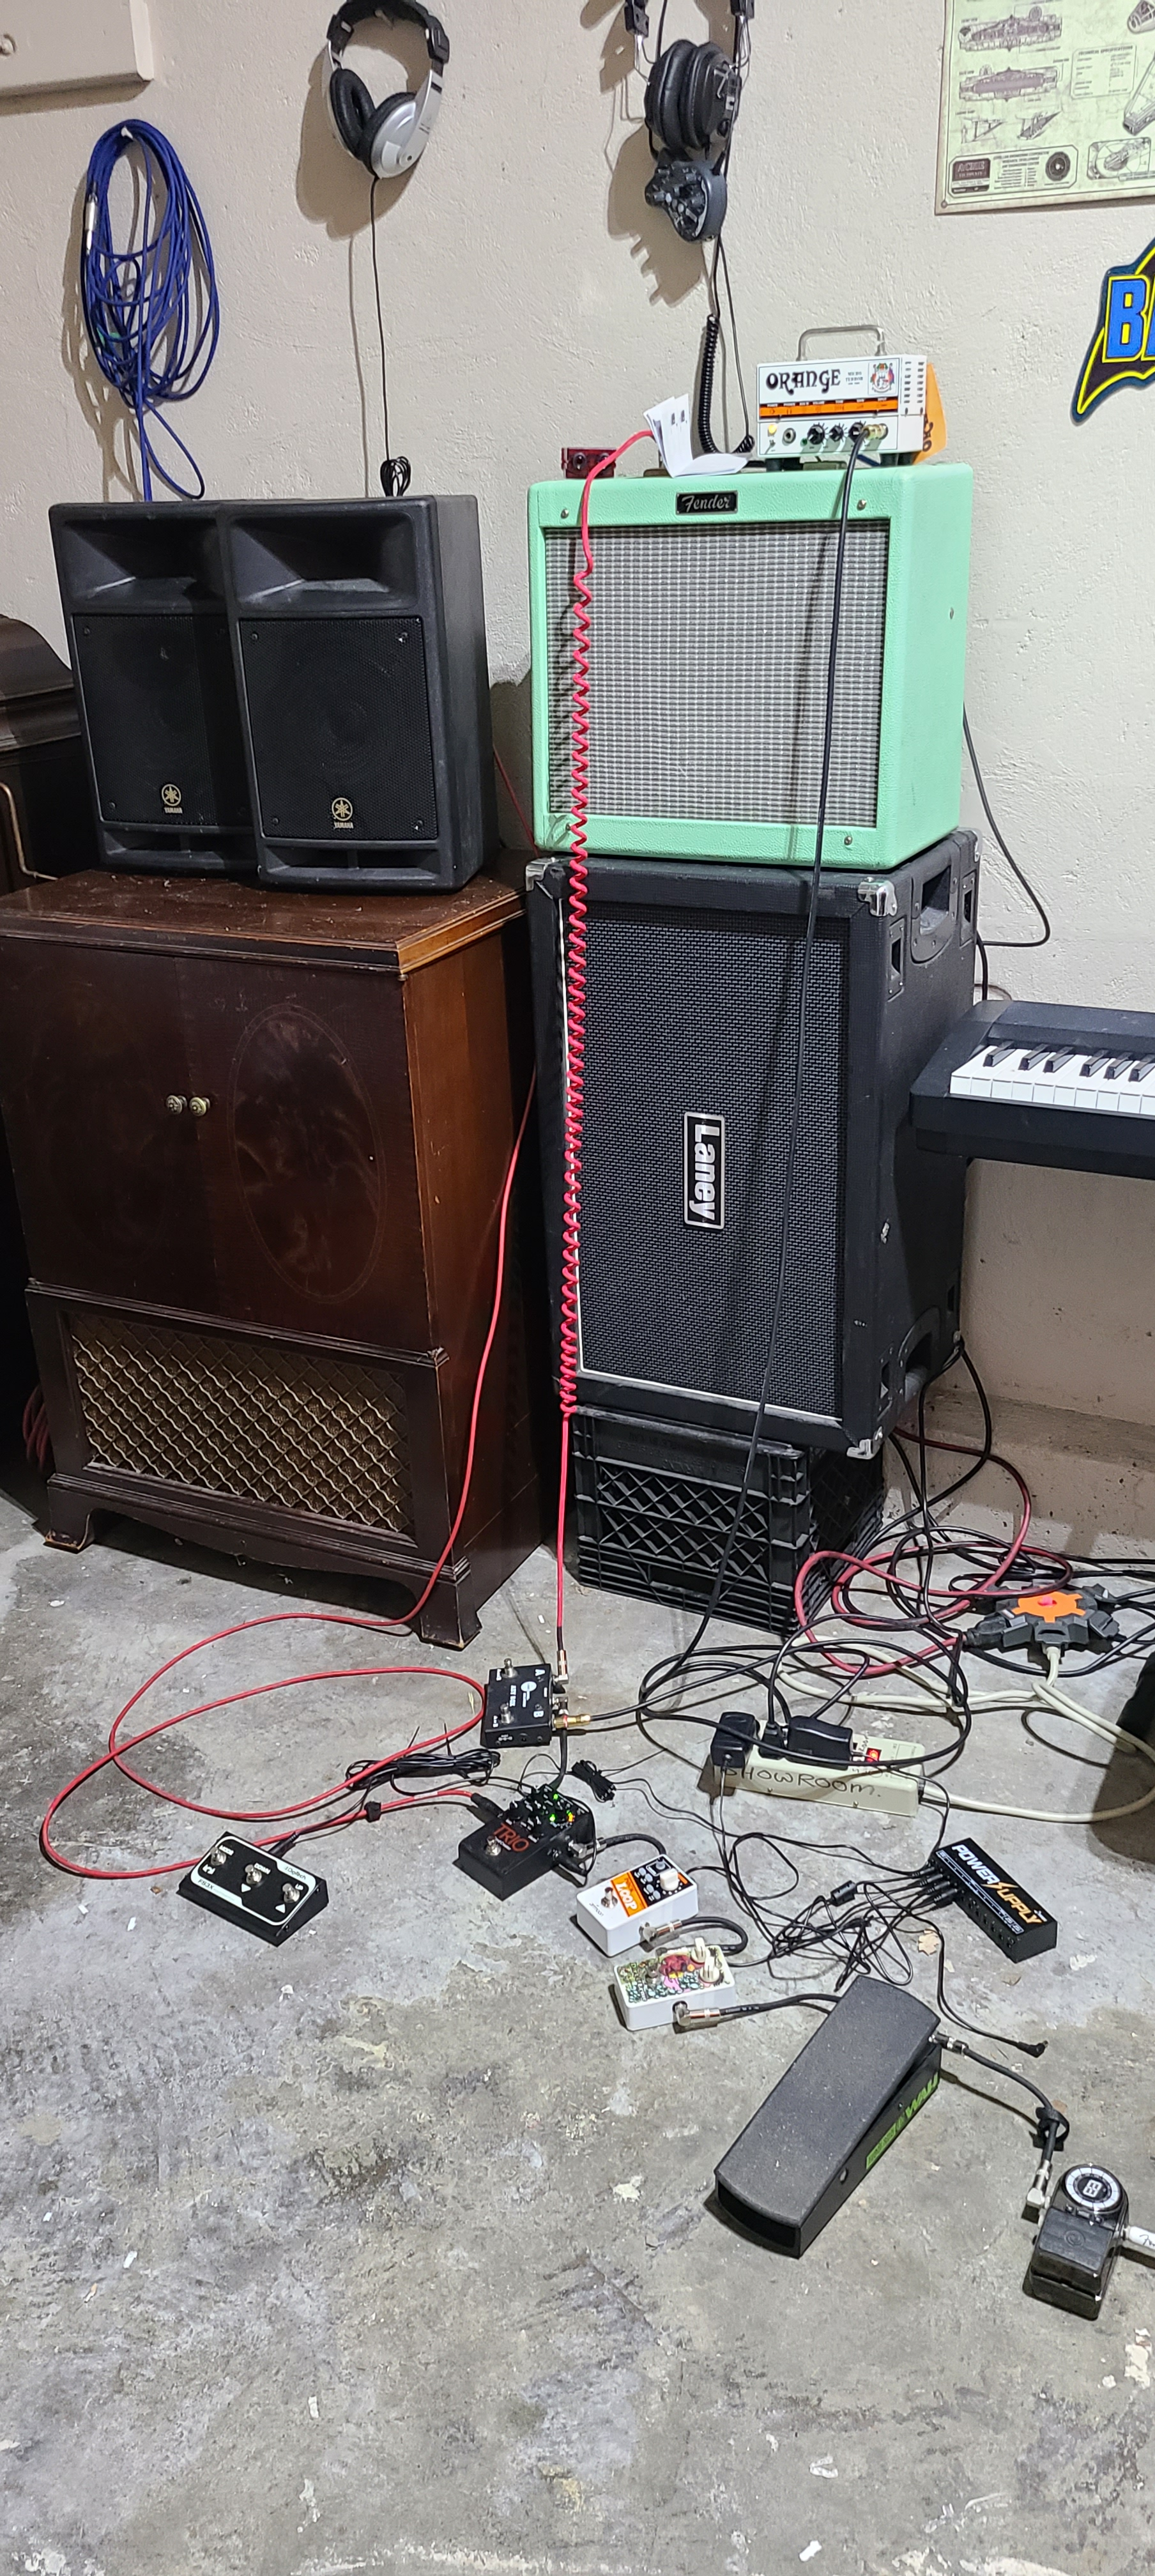 AiXeLsyD13's Amps